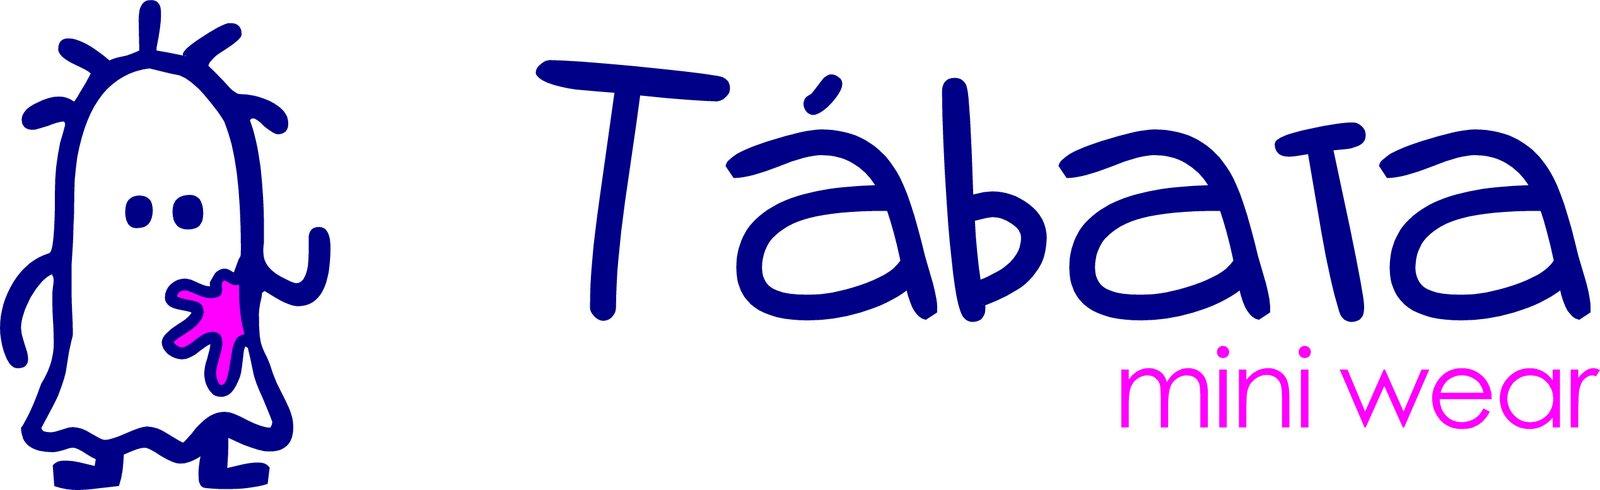 TÁBATA MINIWEAR